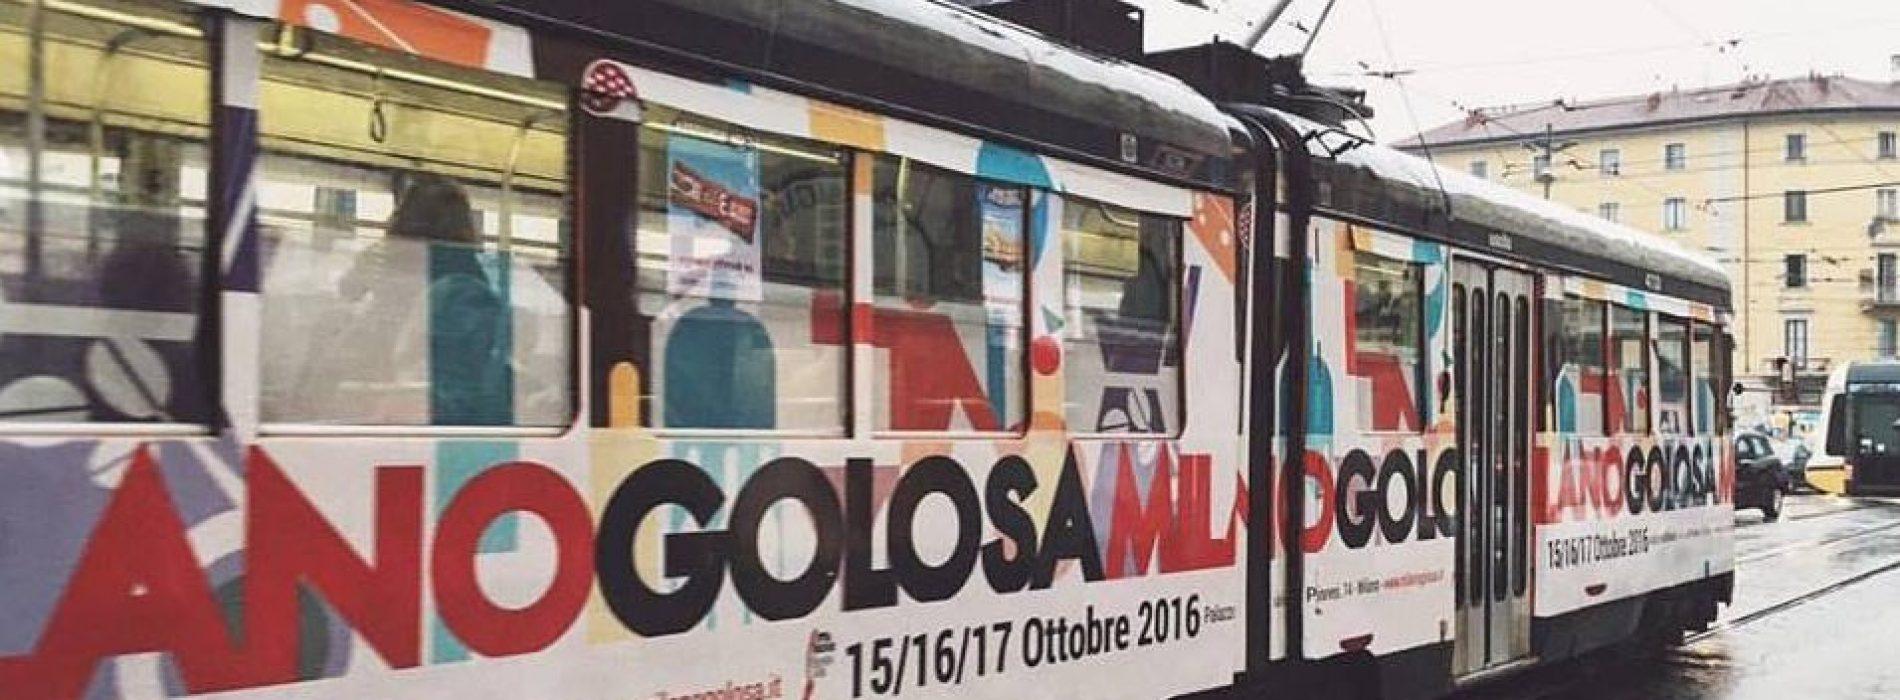 Milano Golosa 2016, tre giorni di gusto artigiano al Palazzo del Ghiaccio